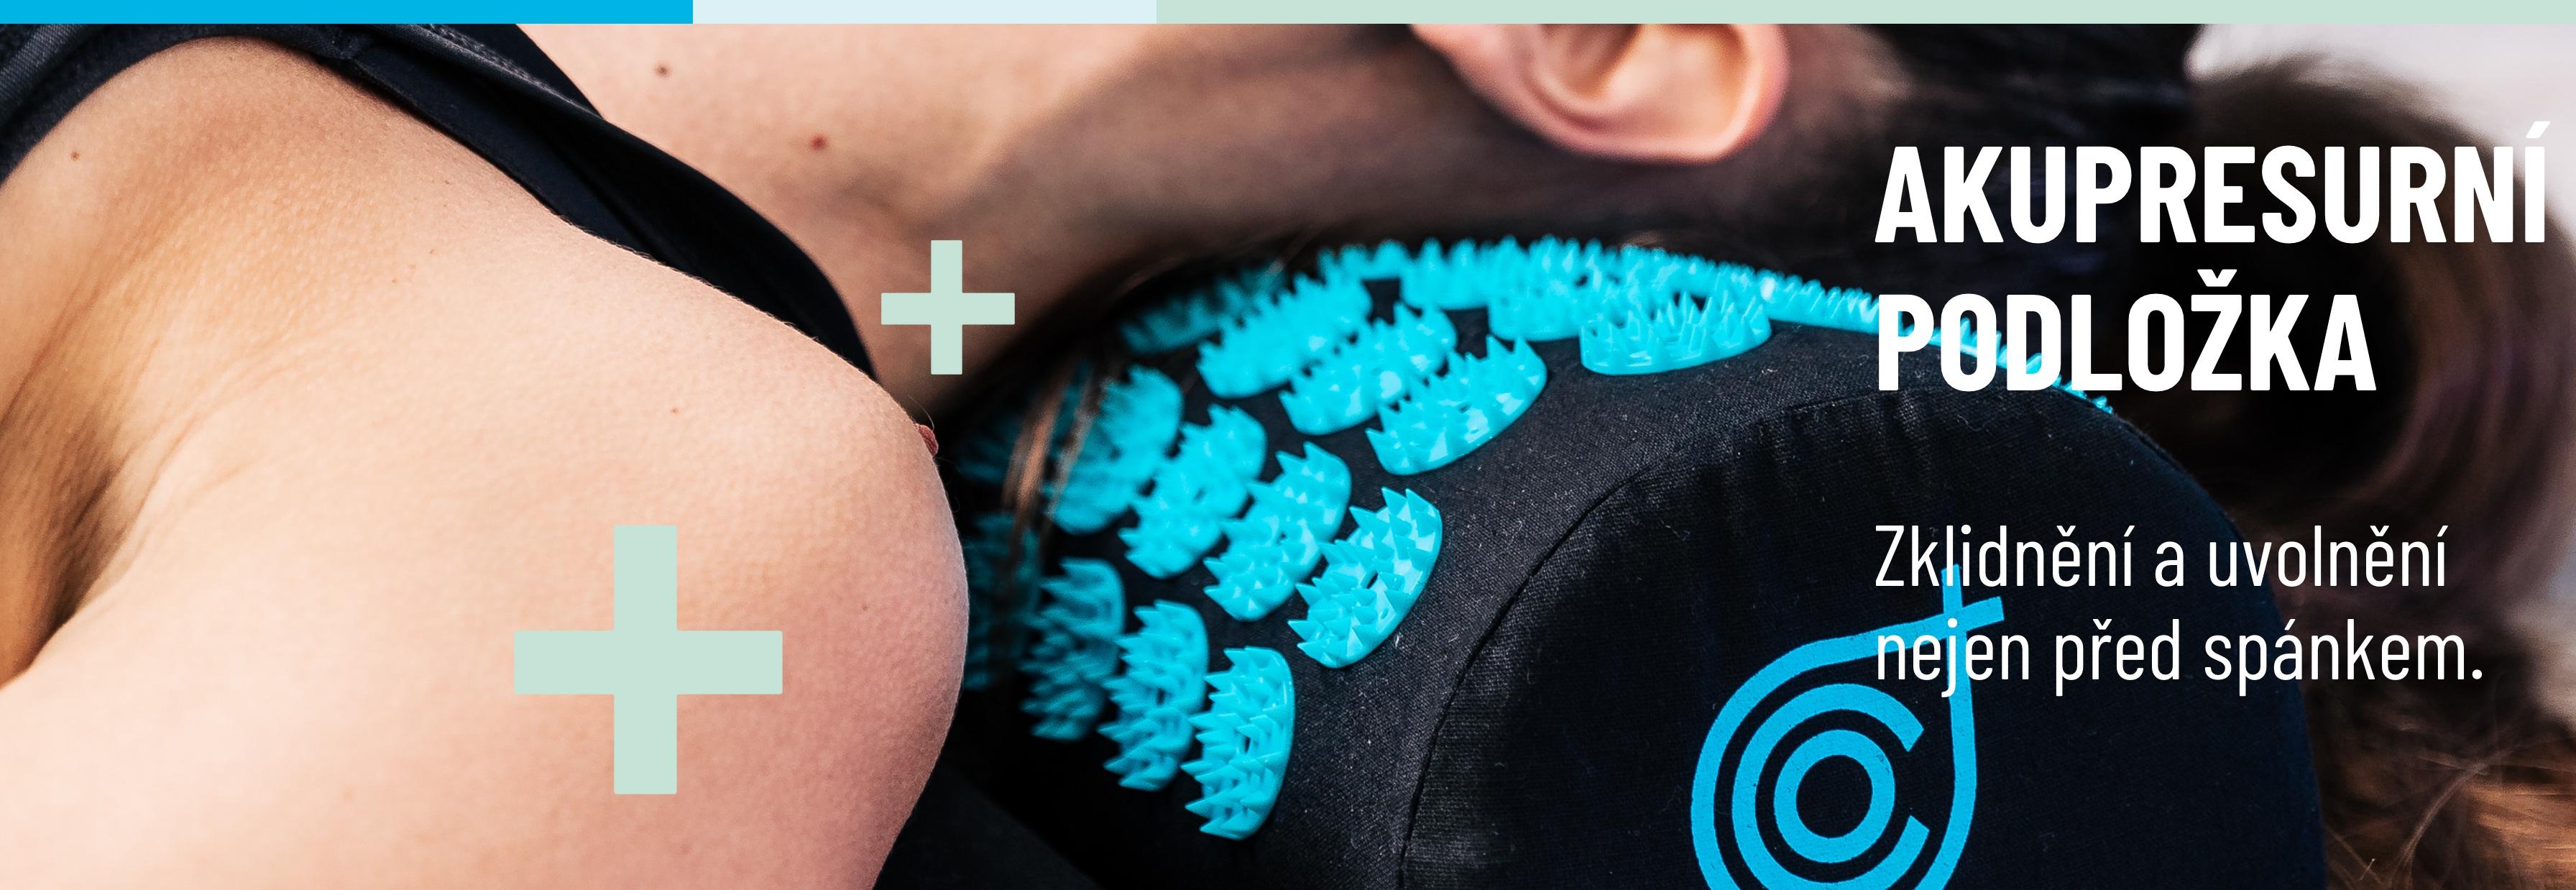 """Akupresurní podložka. Speciální podložku lze použít velmi dobře i pro masáž nohou, která je vhodná ráno, než na celý den vklouzneme do uzavřené obuvi.  Speciální polštář, který je součástí balení s podložkou příjemně """"masíruje"""" často ztuhlou šíji. Polštář"""